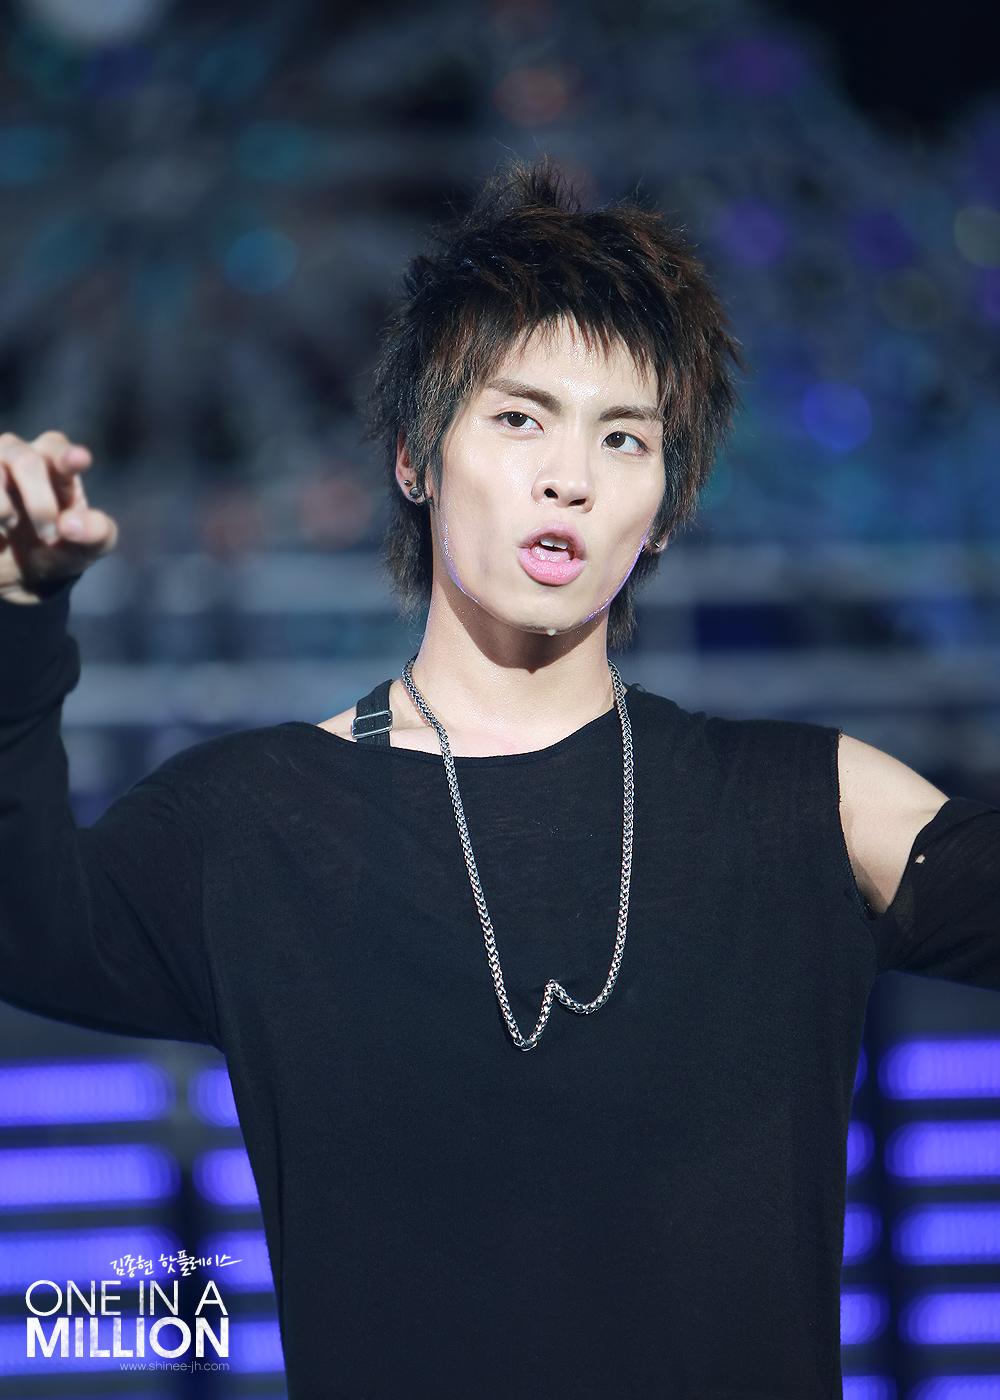 jonghyun   summer concert   u201cwowowow u201d image spam